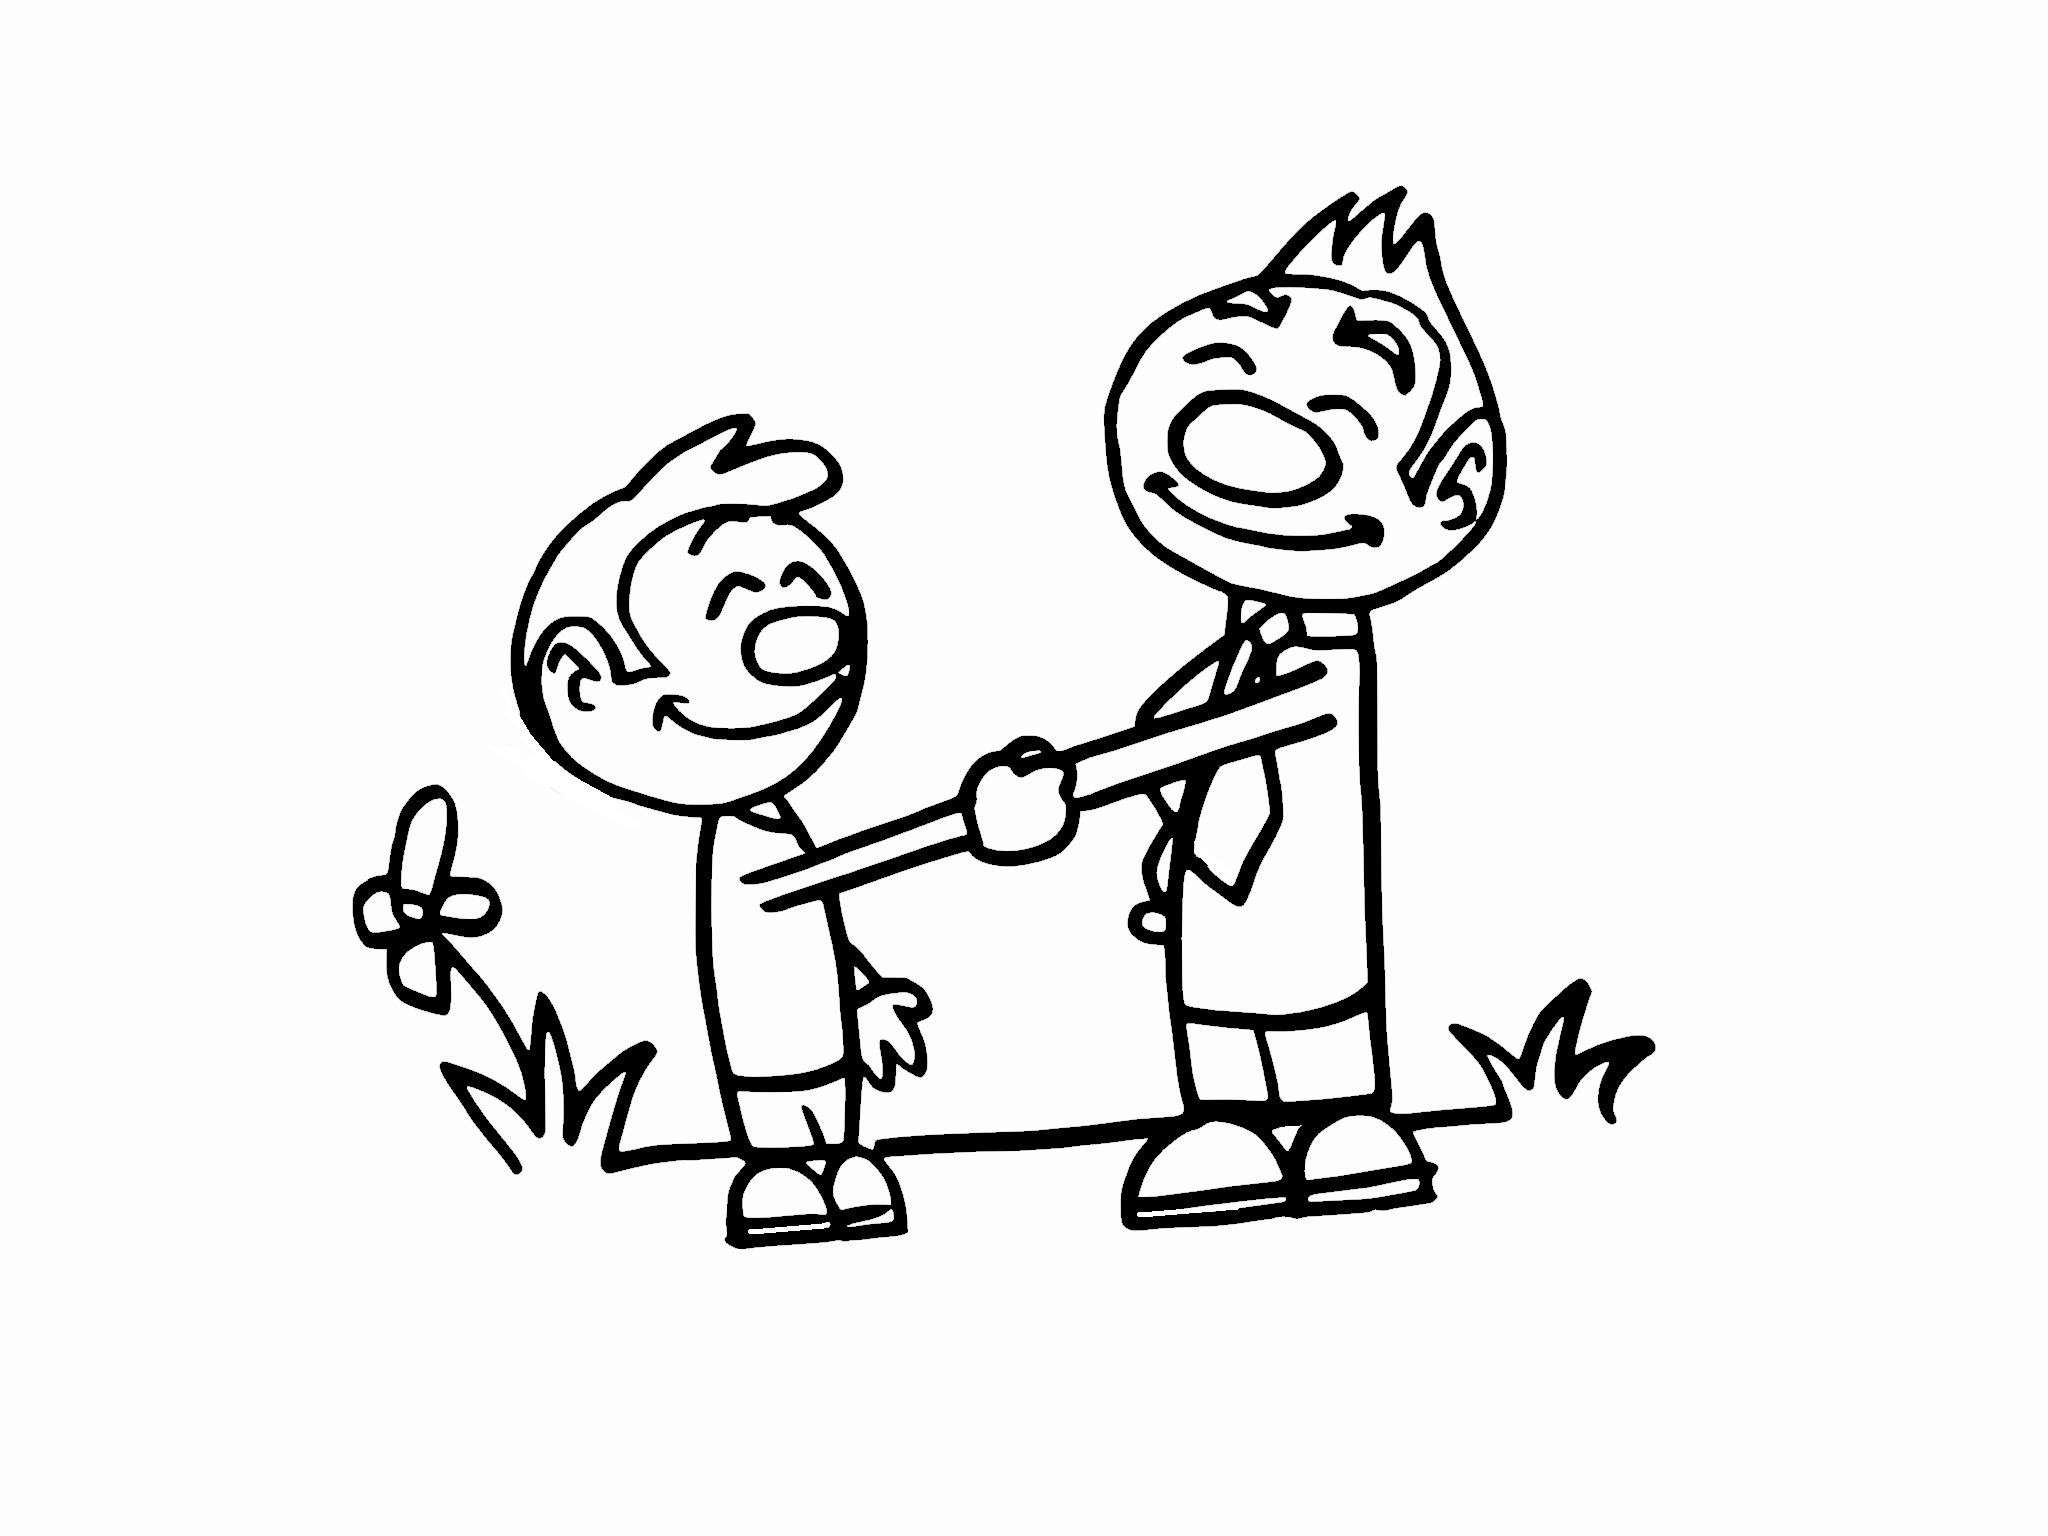 2048x1536 Greeting Handshake Clipart